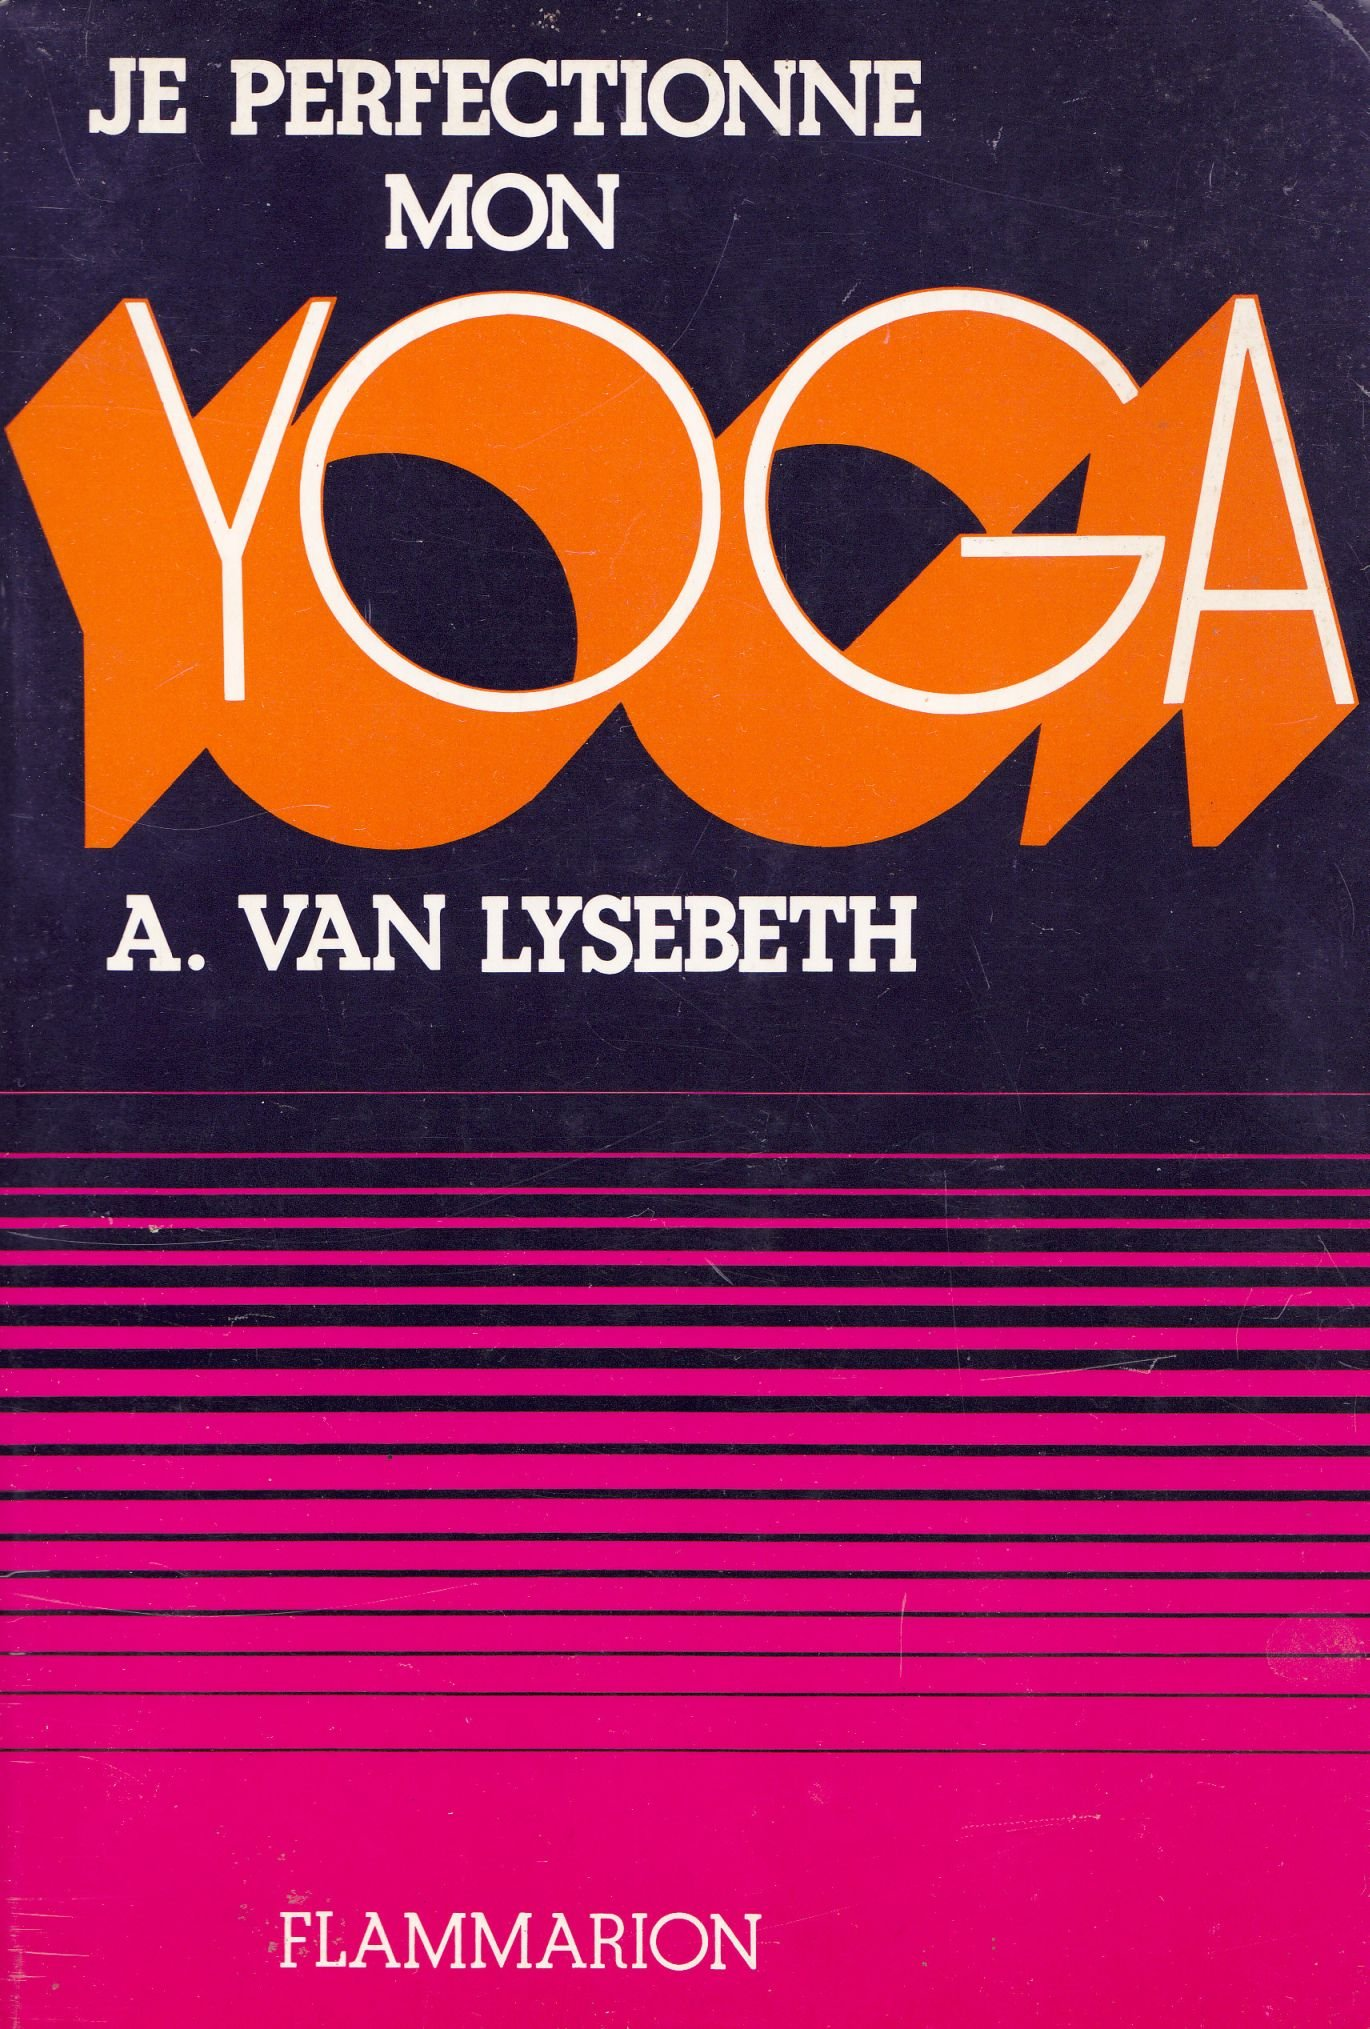 télécharger Je Perfectionne Mon Yoga - Andre VAN LYSEBETH